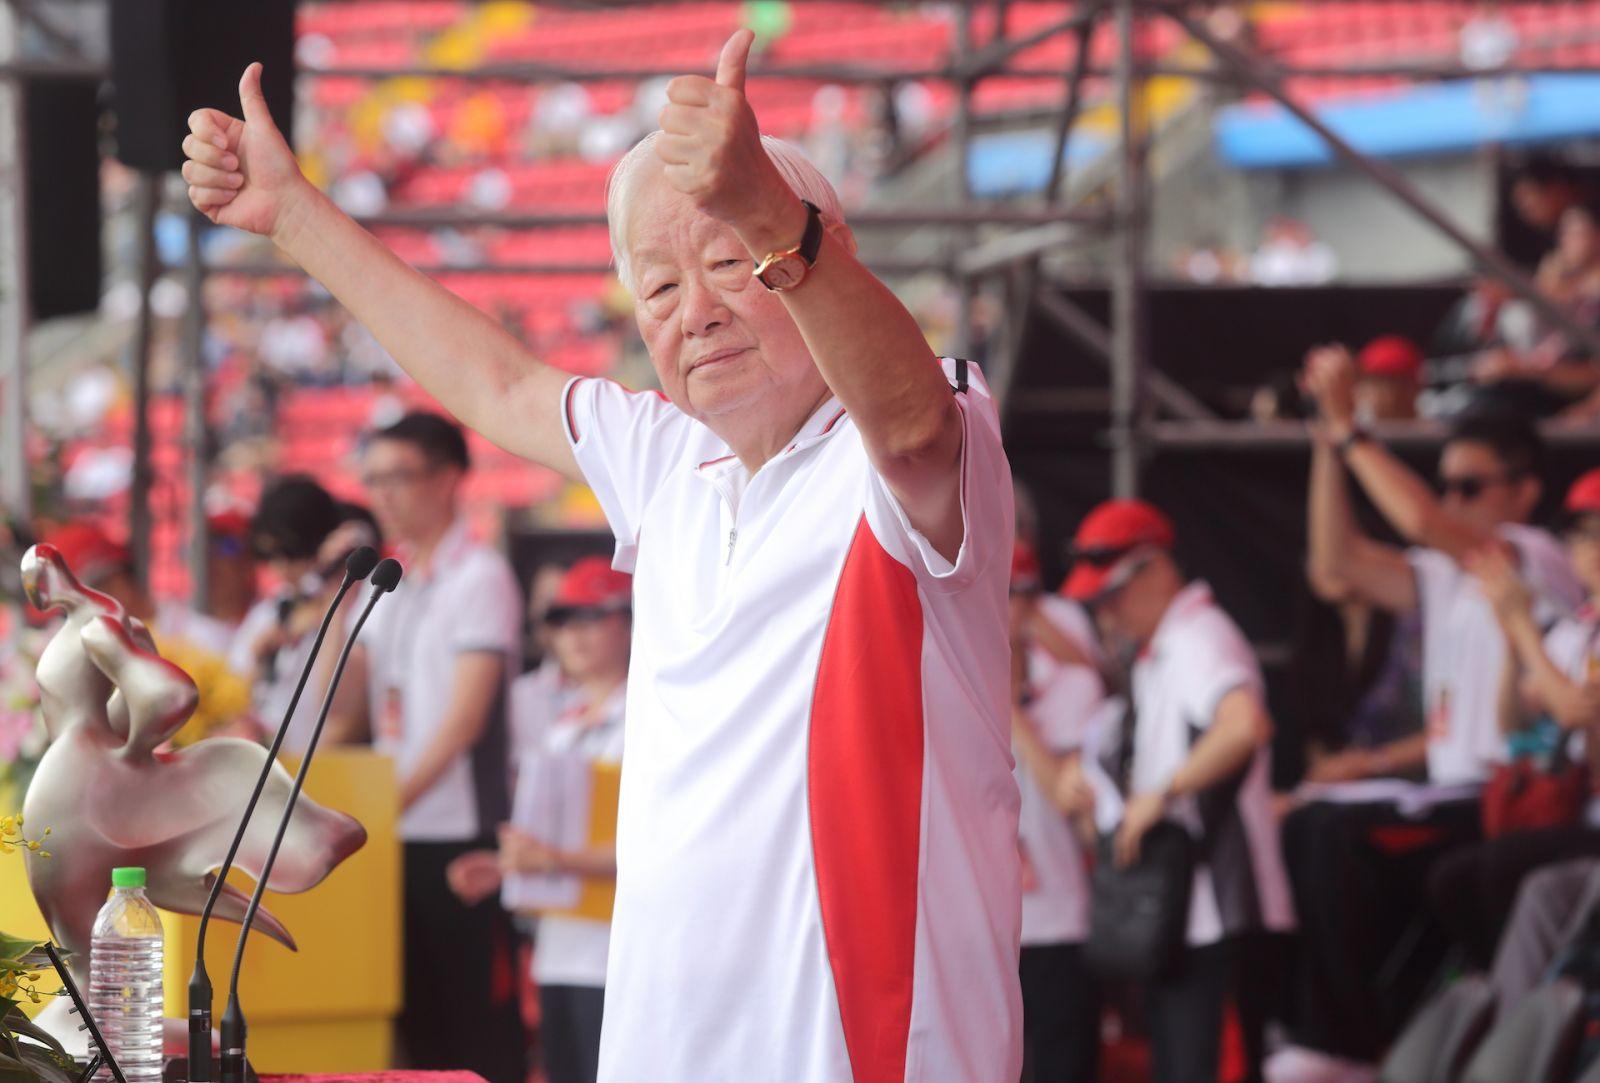 張忠謀證實 1989年時三星李健熙曾延攬他